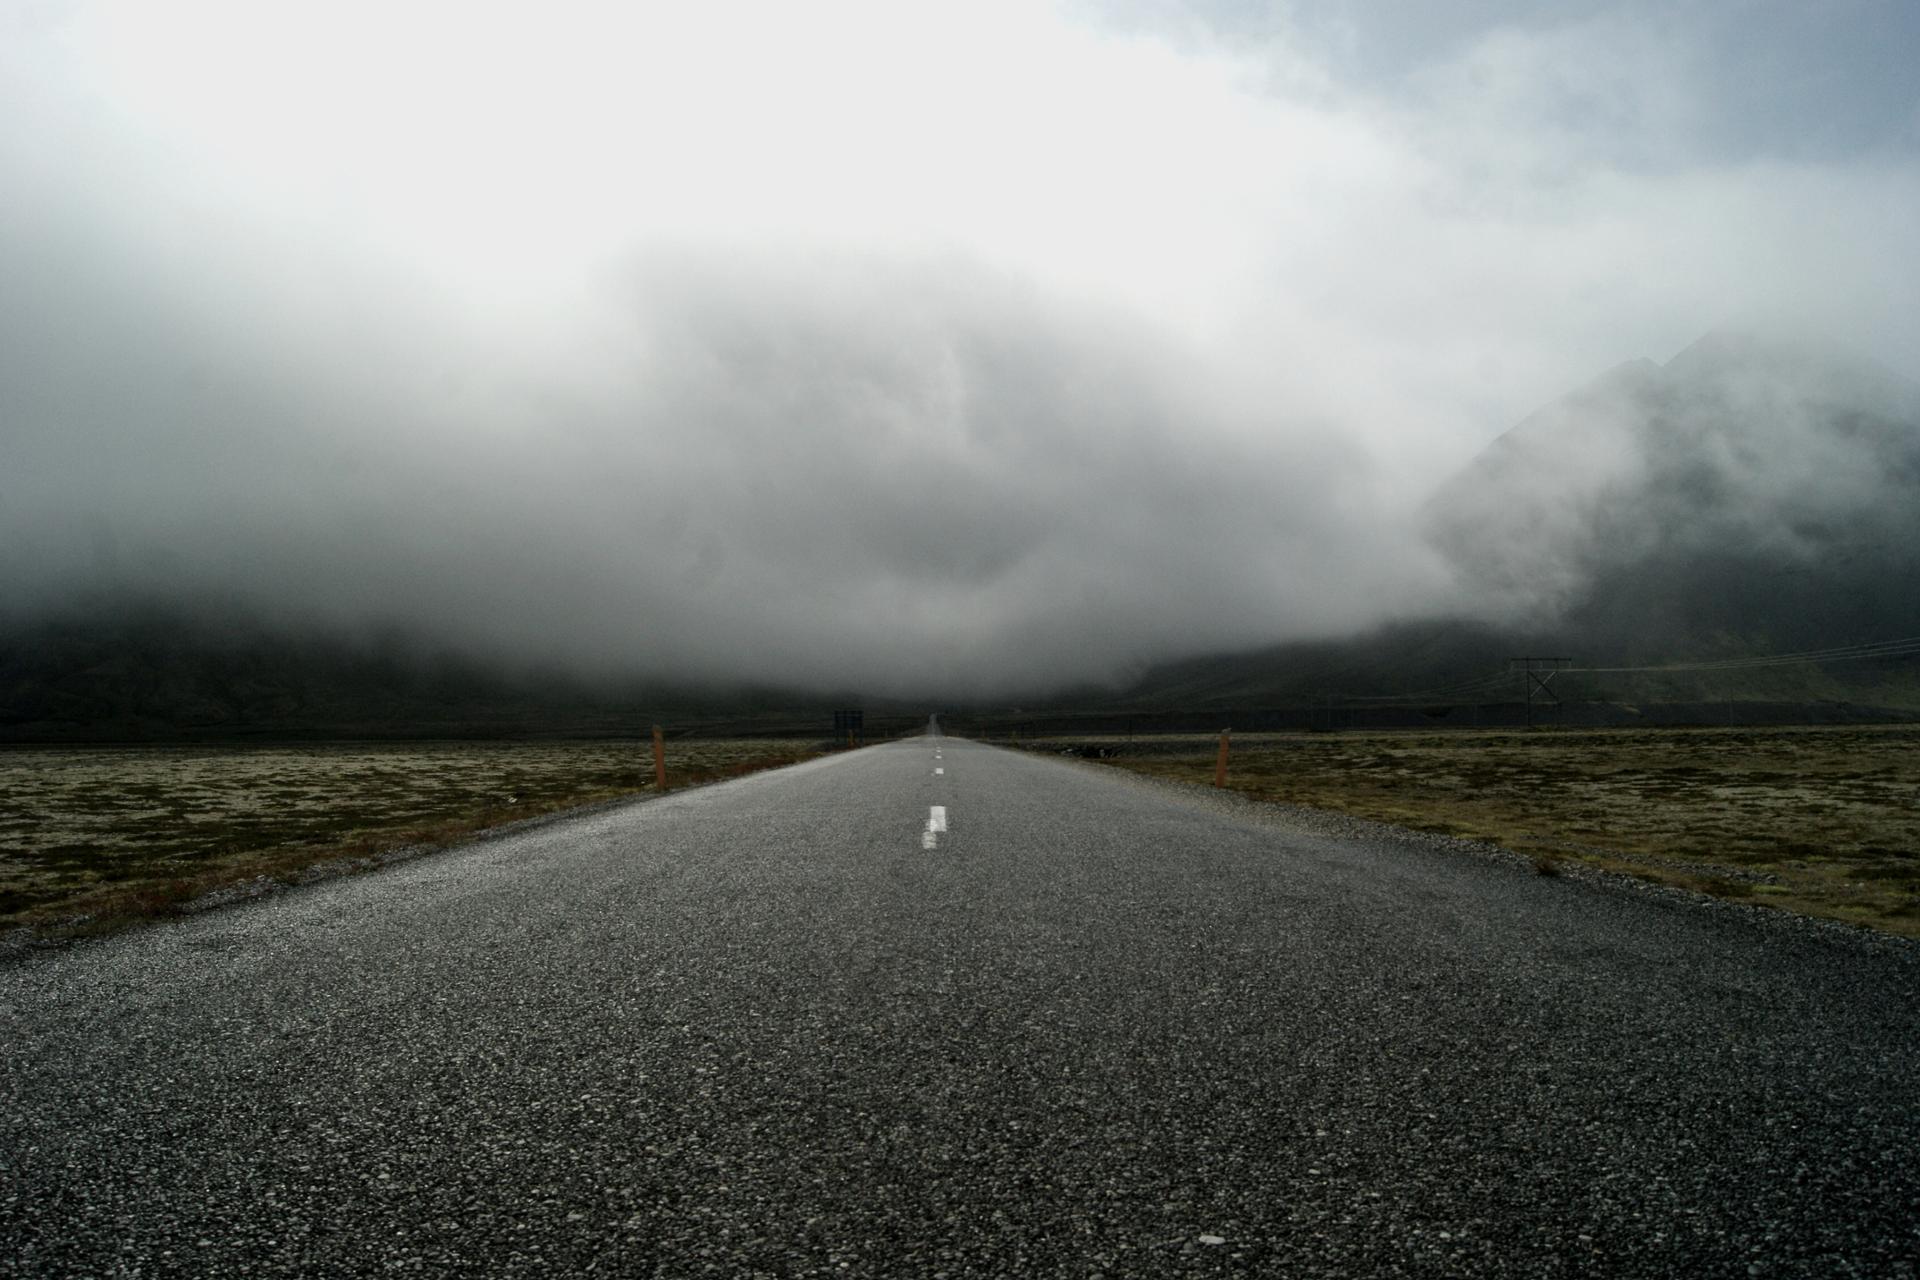 « C'est l'incertitude qui nous charme. Tout devient merveilleux dans la brume. » Oscar Wilde